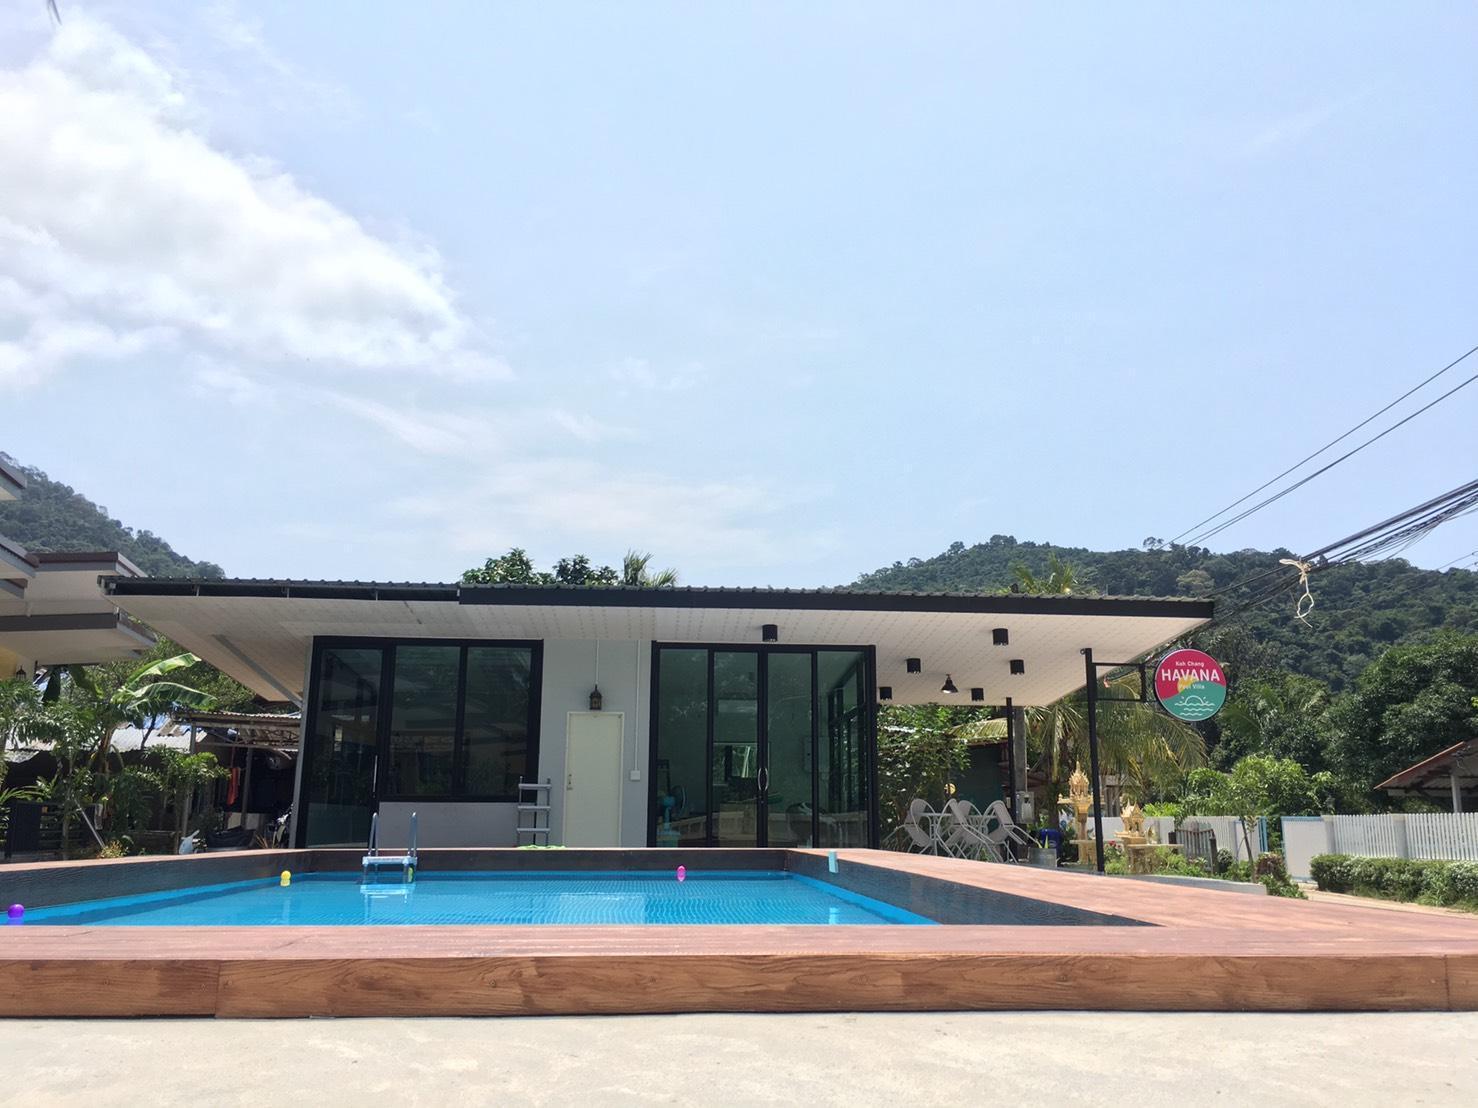 Koh Chang Havana Pool Villa บังกะโล 1 ห้องนอน 1 ห้องน้ำส่วนตัว ขนาด 28 ตร.ม. – คลองสน